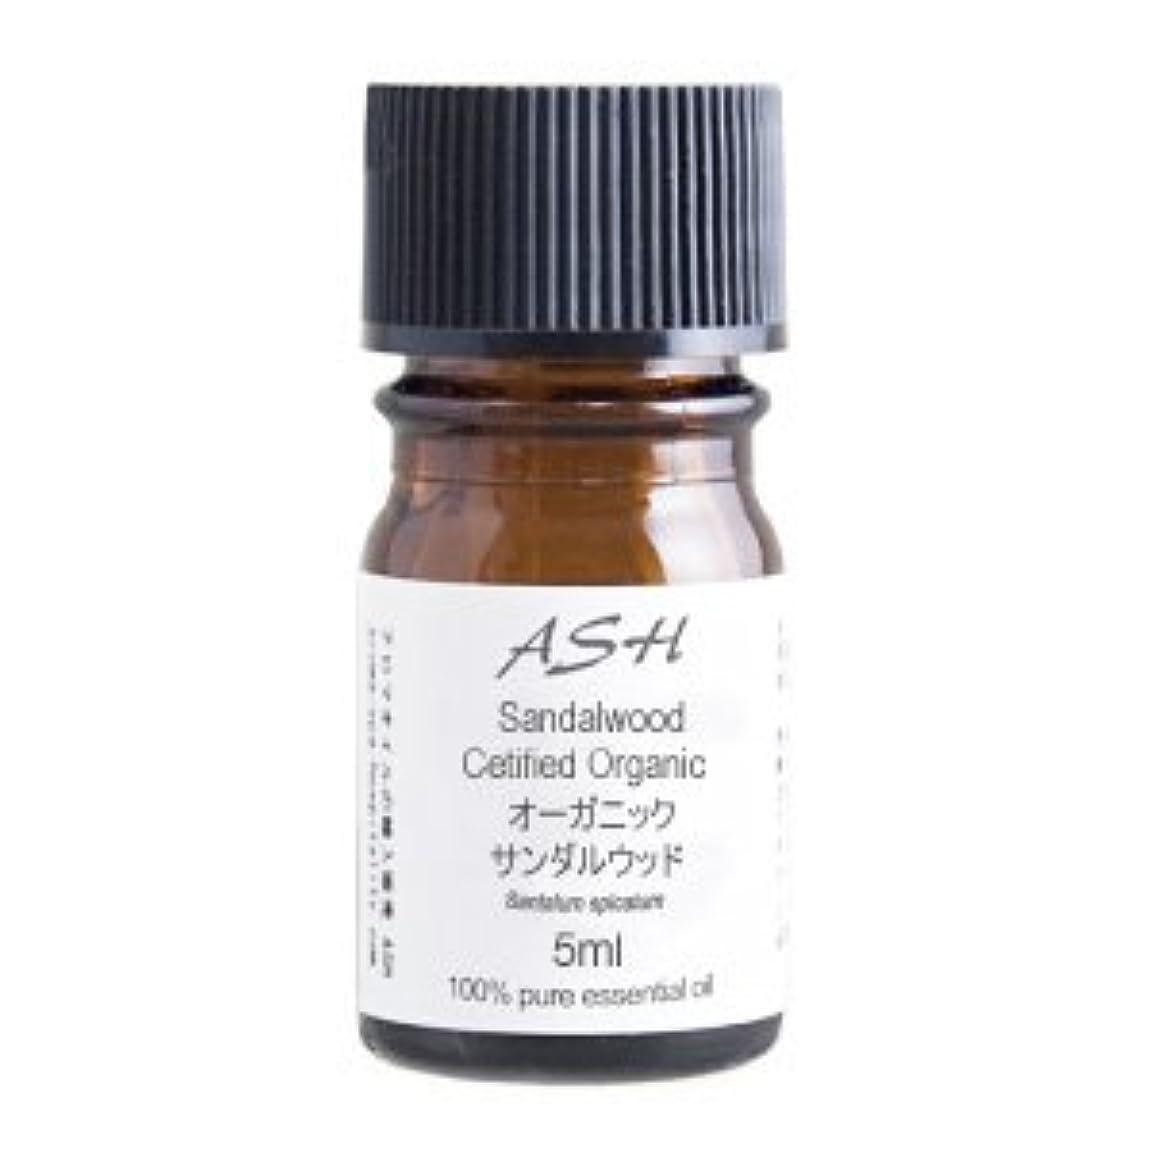 ミスのれん致命的ASH オーガニック サンダルウッド エッセンシャルオイル 5ml AEAJ表示基準適合認定精油